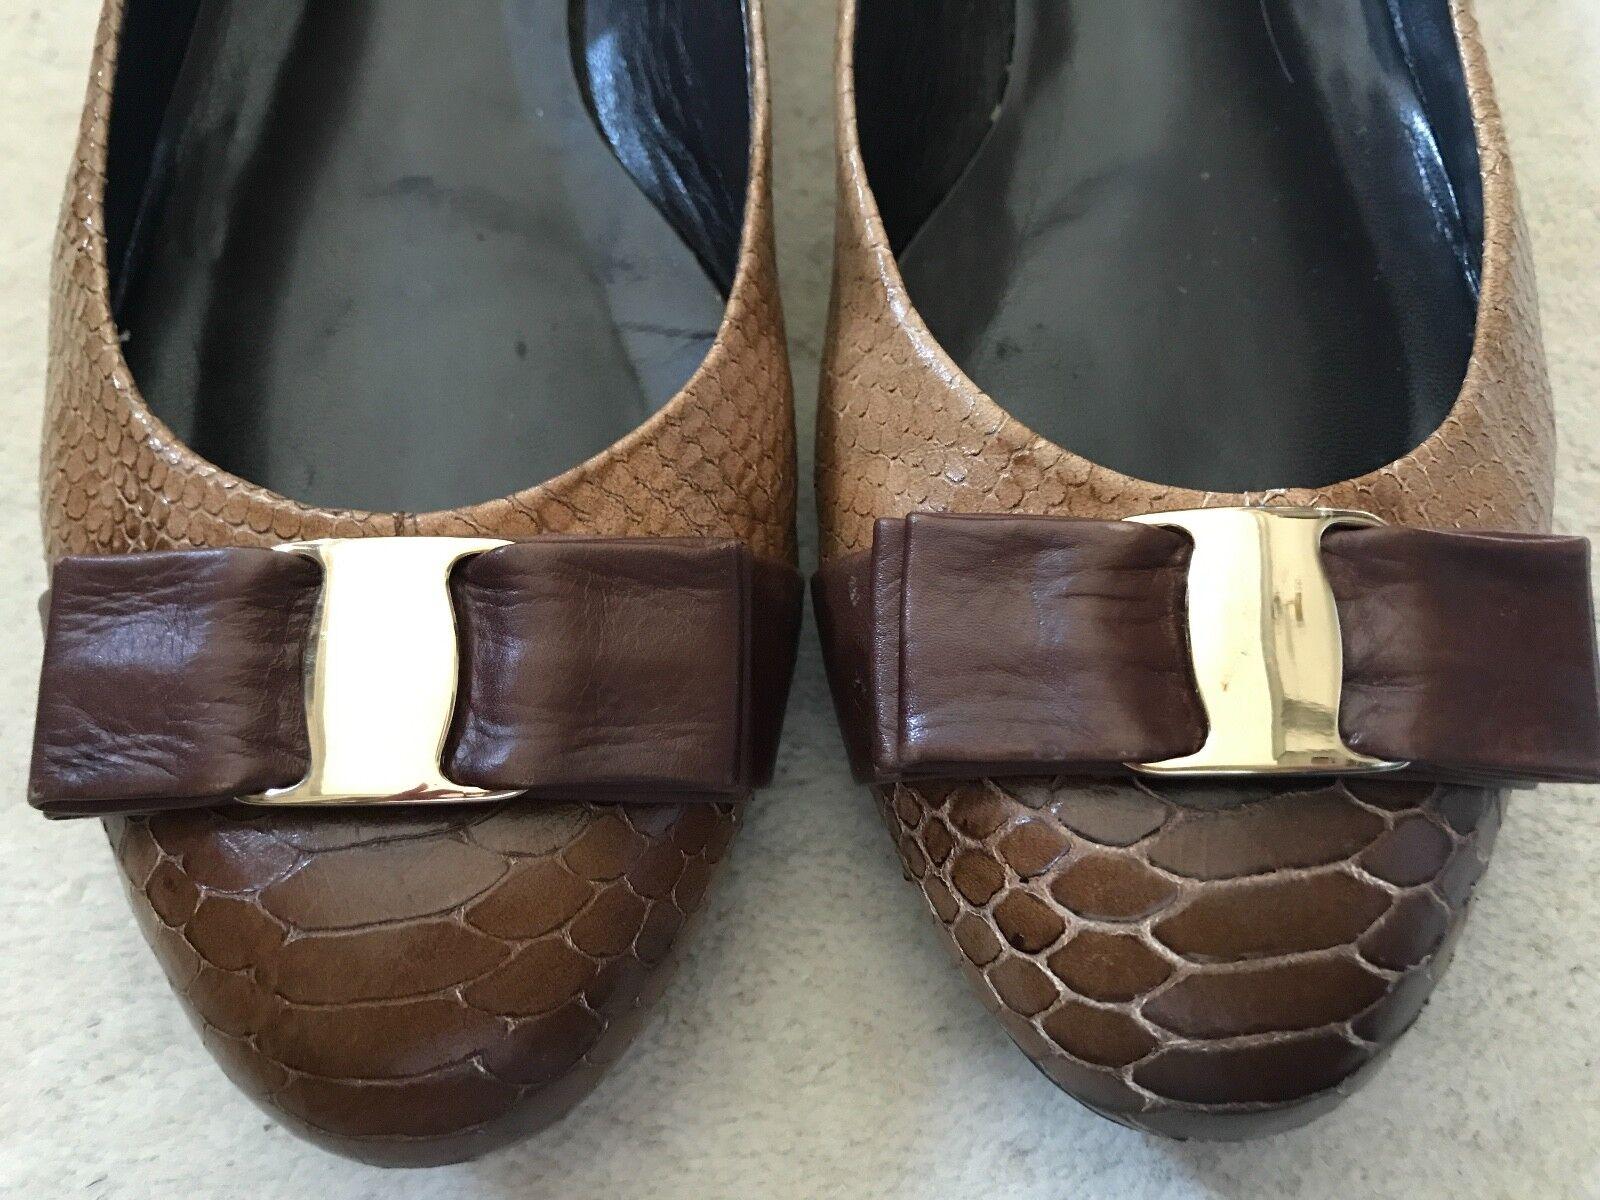 FS NY NY NY galés Coñac Lagarto Ballet Zapatos sin Taco Sin 9.5  seguro de calidad